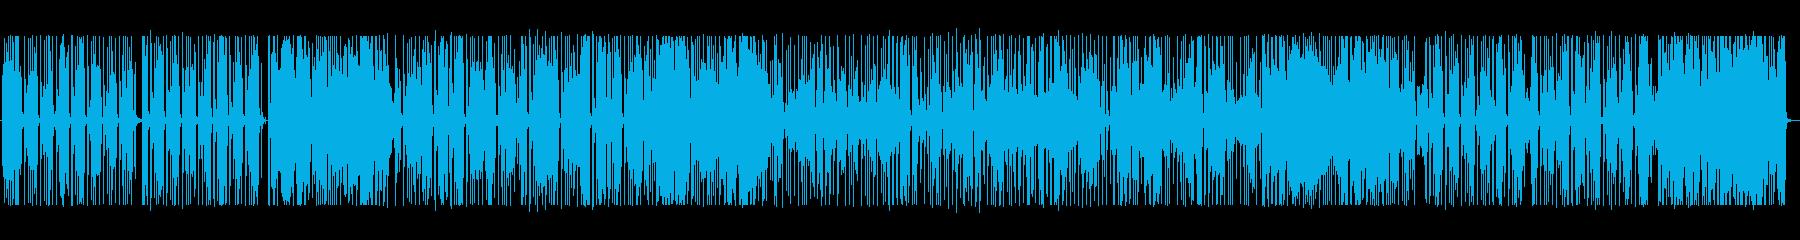 お洒落でちょっとレトロなオルガンPOPの再生済みの波形